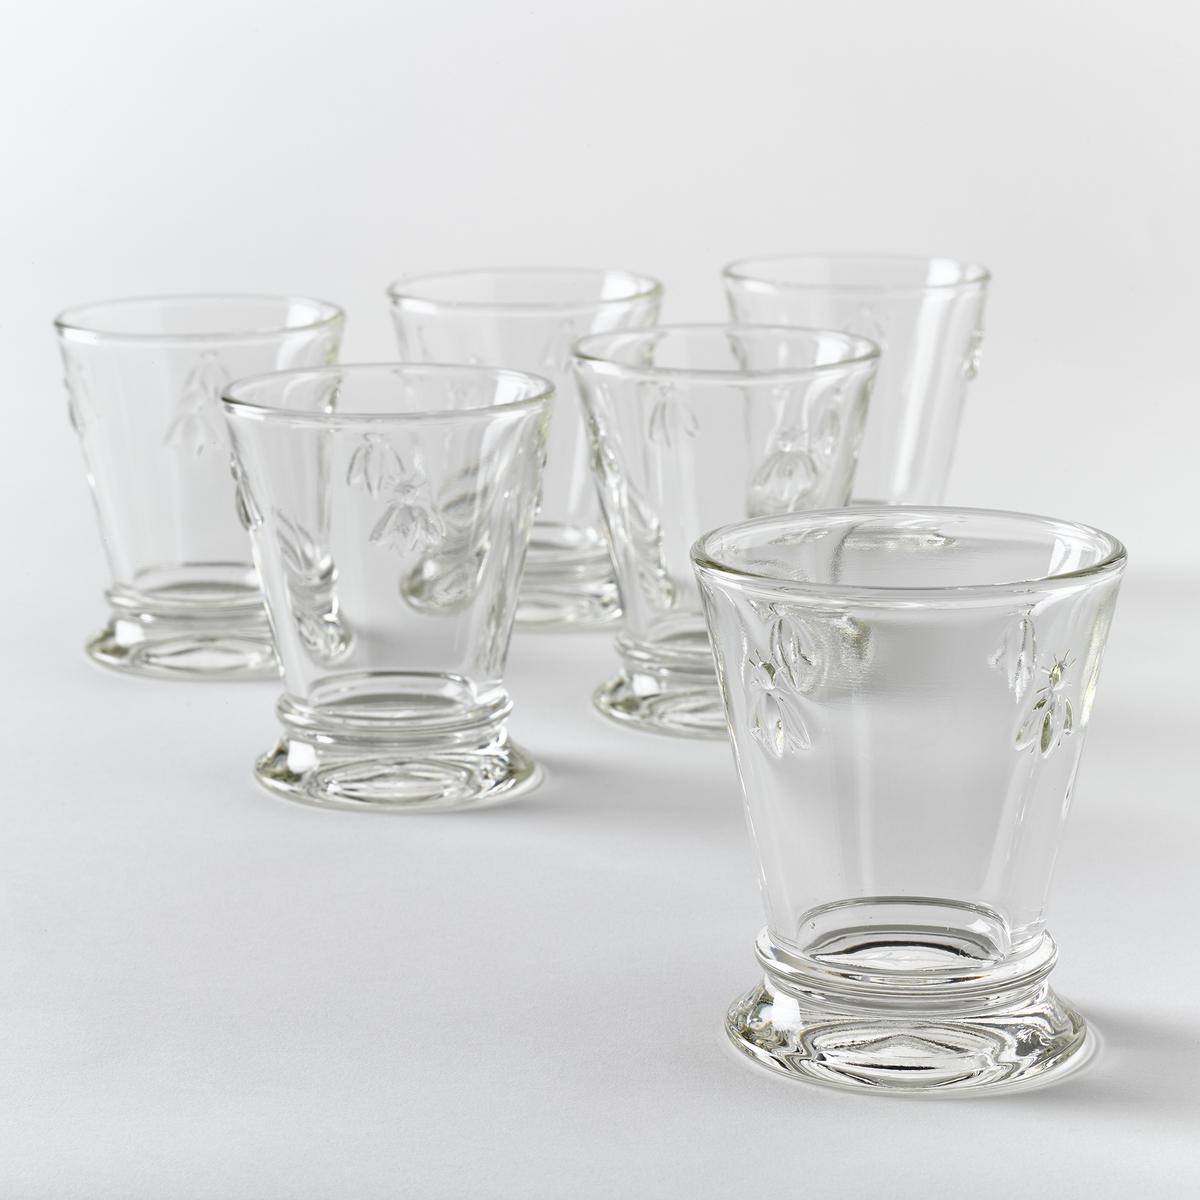 Комплект из 6 стаканов для водыКомплект из 6 стаканов для воды с рисунком пчёлы: элегантные стаканы для Вашего изысканного стола.Характеристики:- очень прочное прессованное стекло- декорированы рисунком 4-х пчёл.- Объём: 270 мл.- Диаметр 9 x Выс. 10,30 см.- Можно использовать в посудомоечных машинах.- Произведено во Франции.Вы можете подобрать подходящие винные бокалы на сайте laredoute.ru.<br><br>Цвет: стеклянный прозрачный